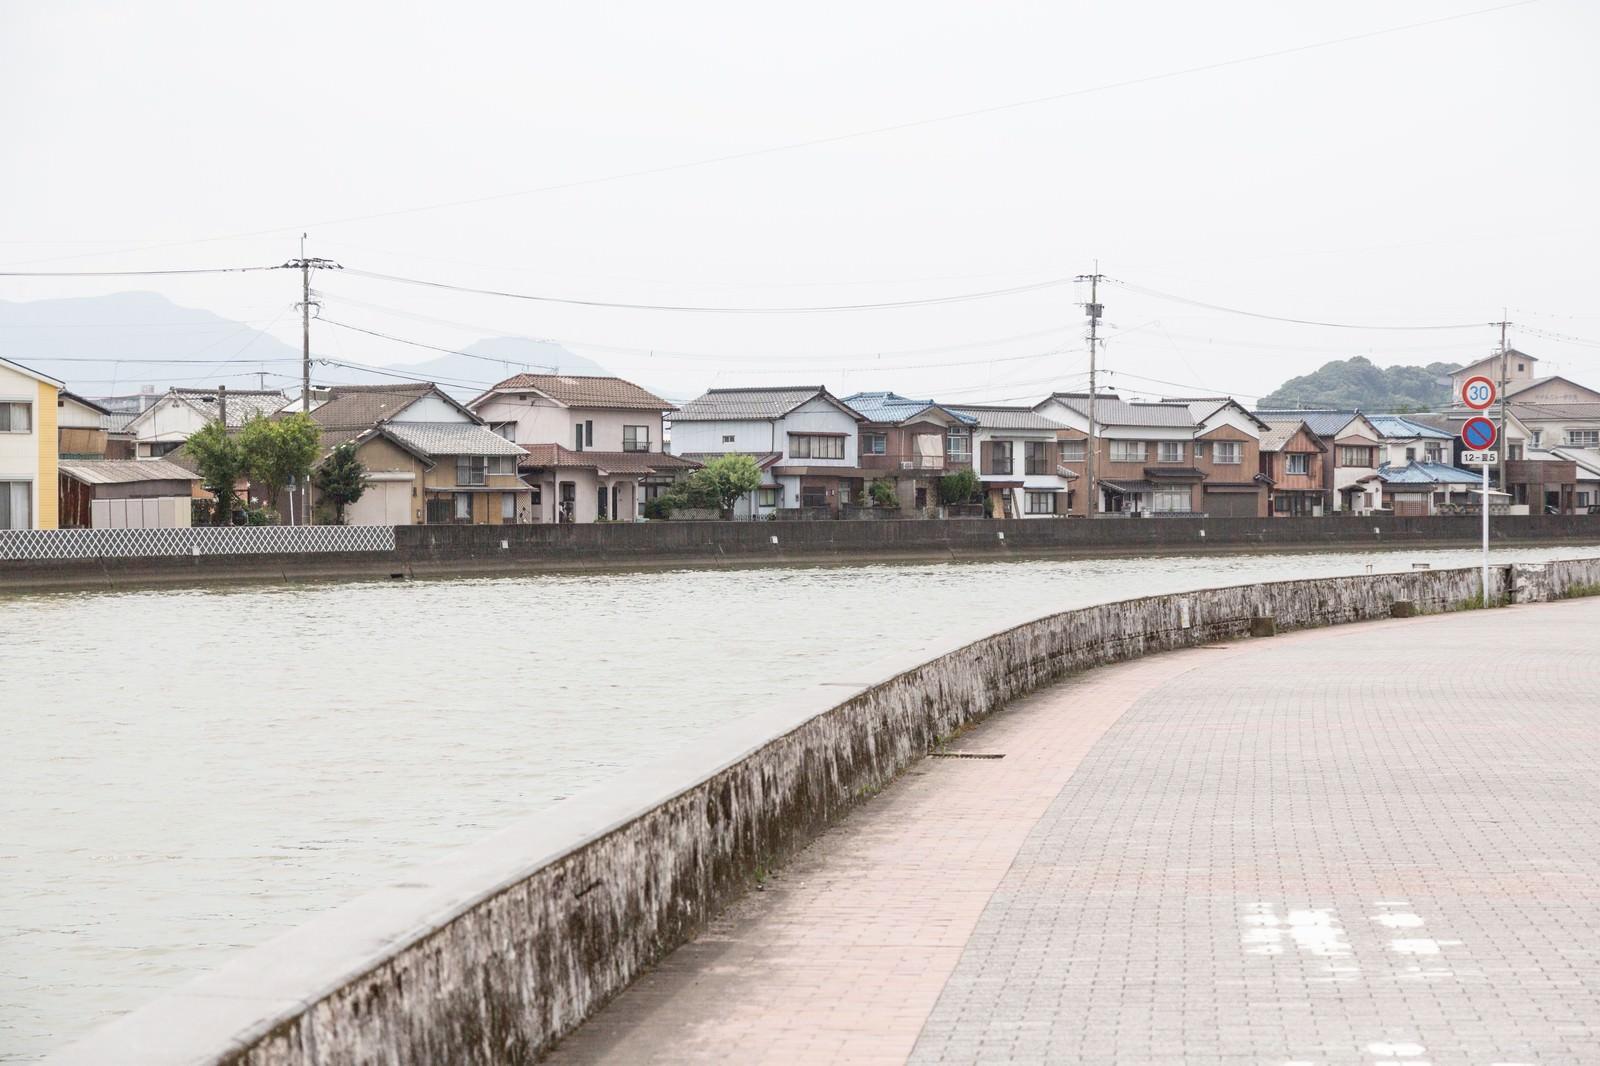 「伊万里川と住宅街伊万里川と住宅街」のフリー写真素材を拡大